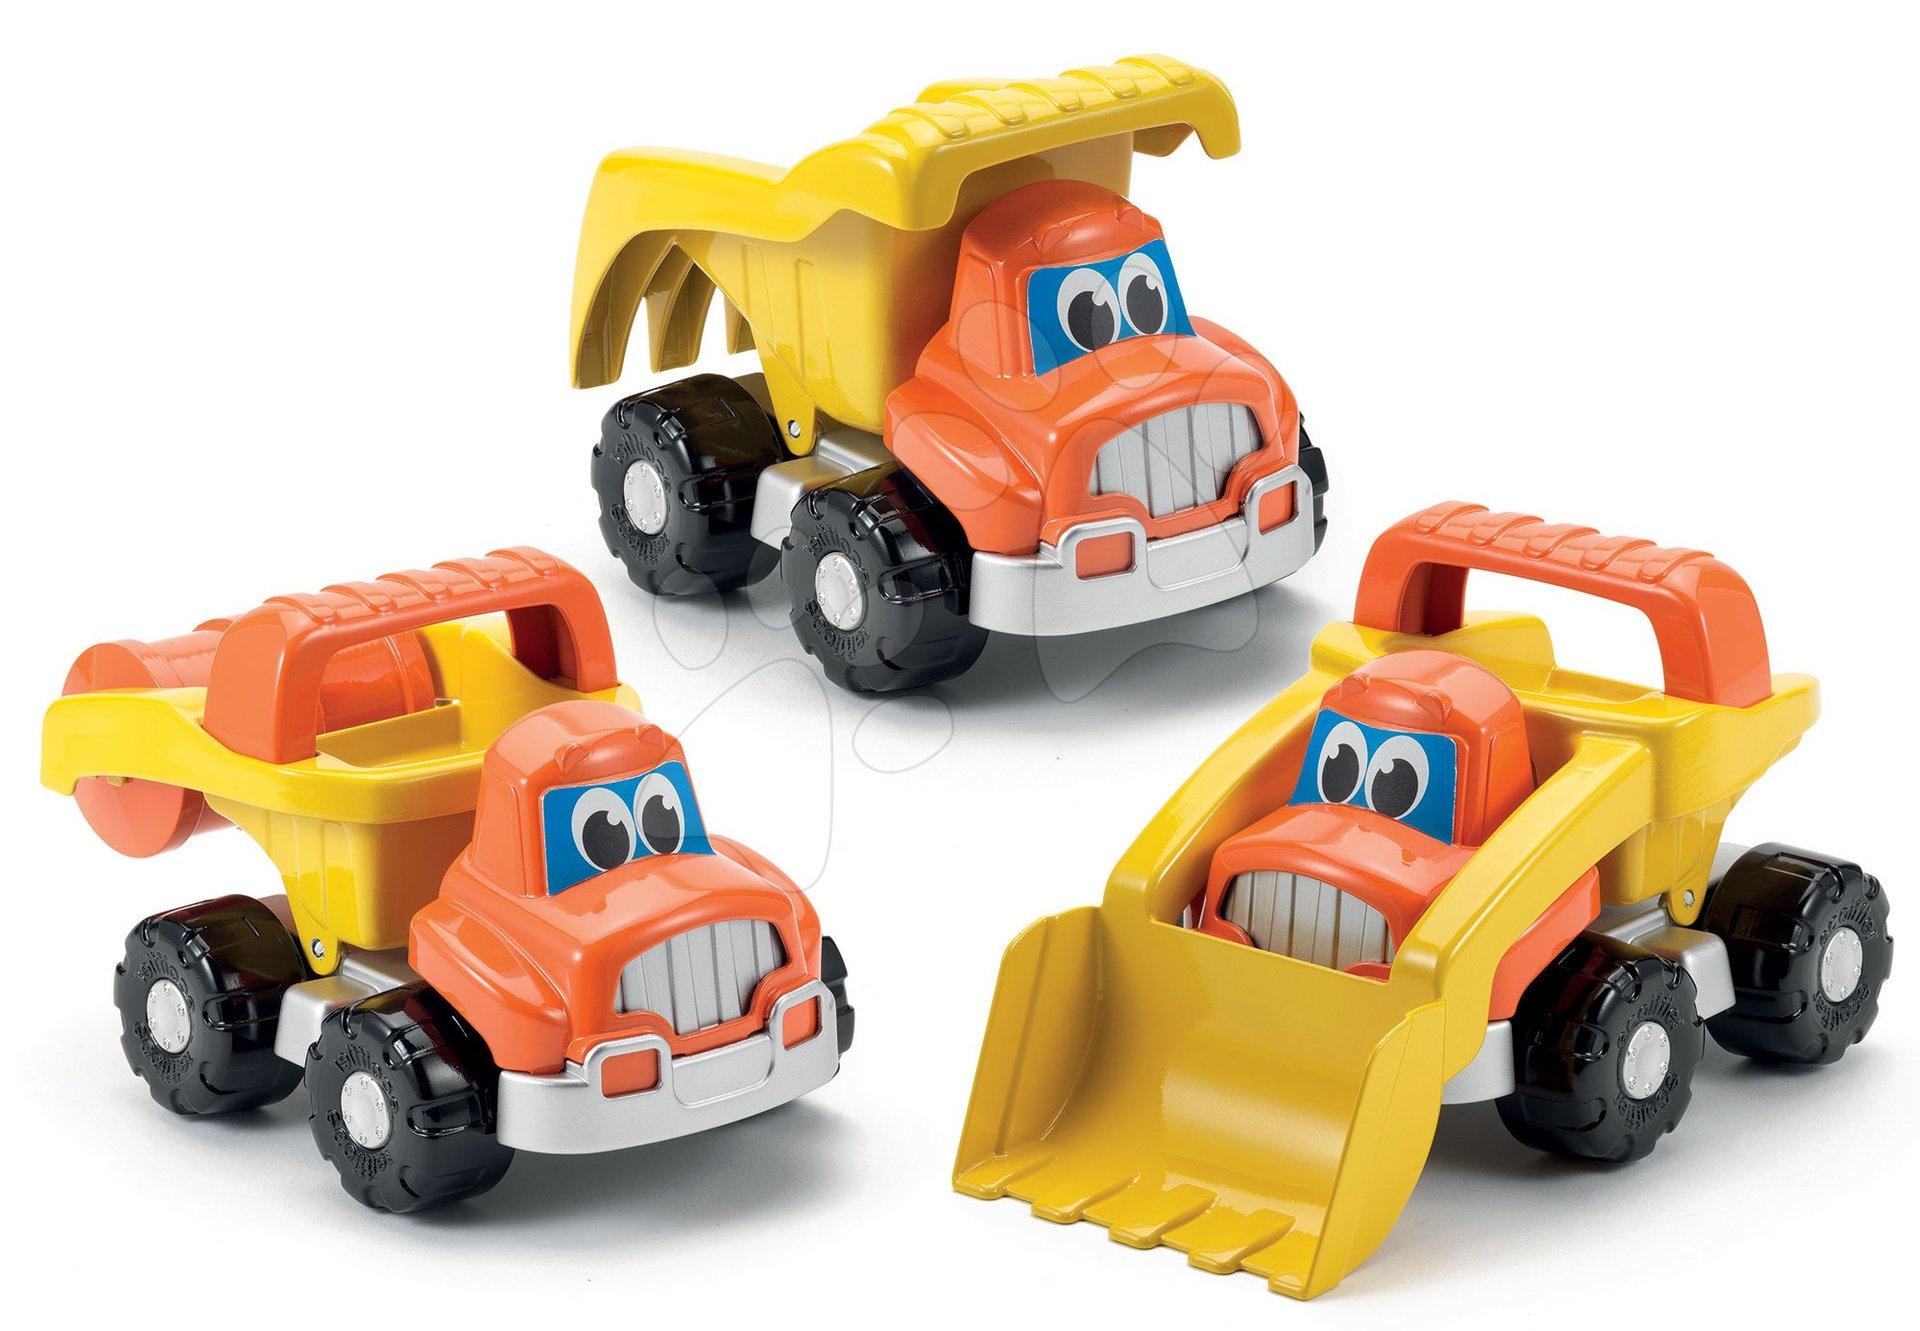 Homokozó autók - Szett építőipari járművek Bob mester Écoiffier dömper, úthenger, kotrógép narancssárga 18 hó-tól